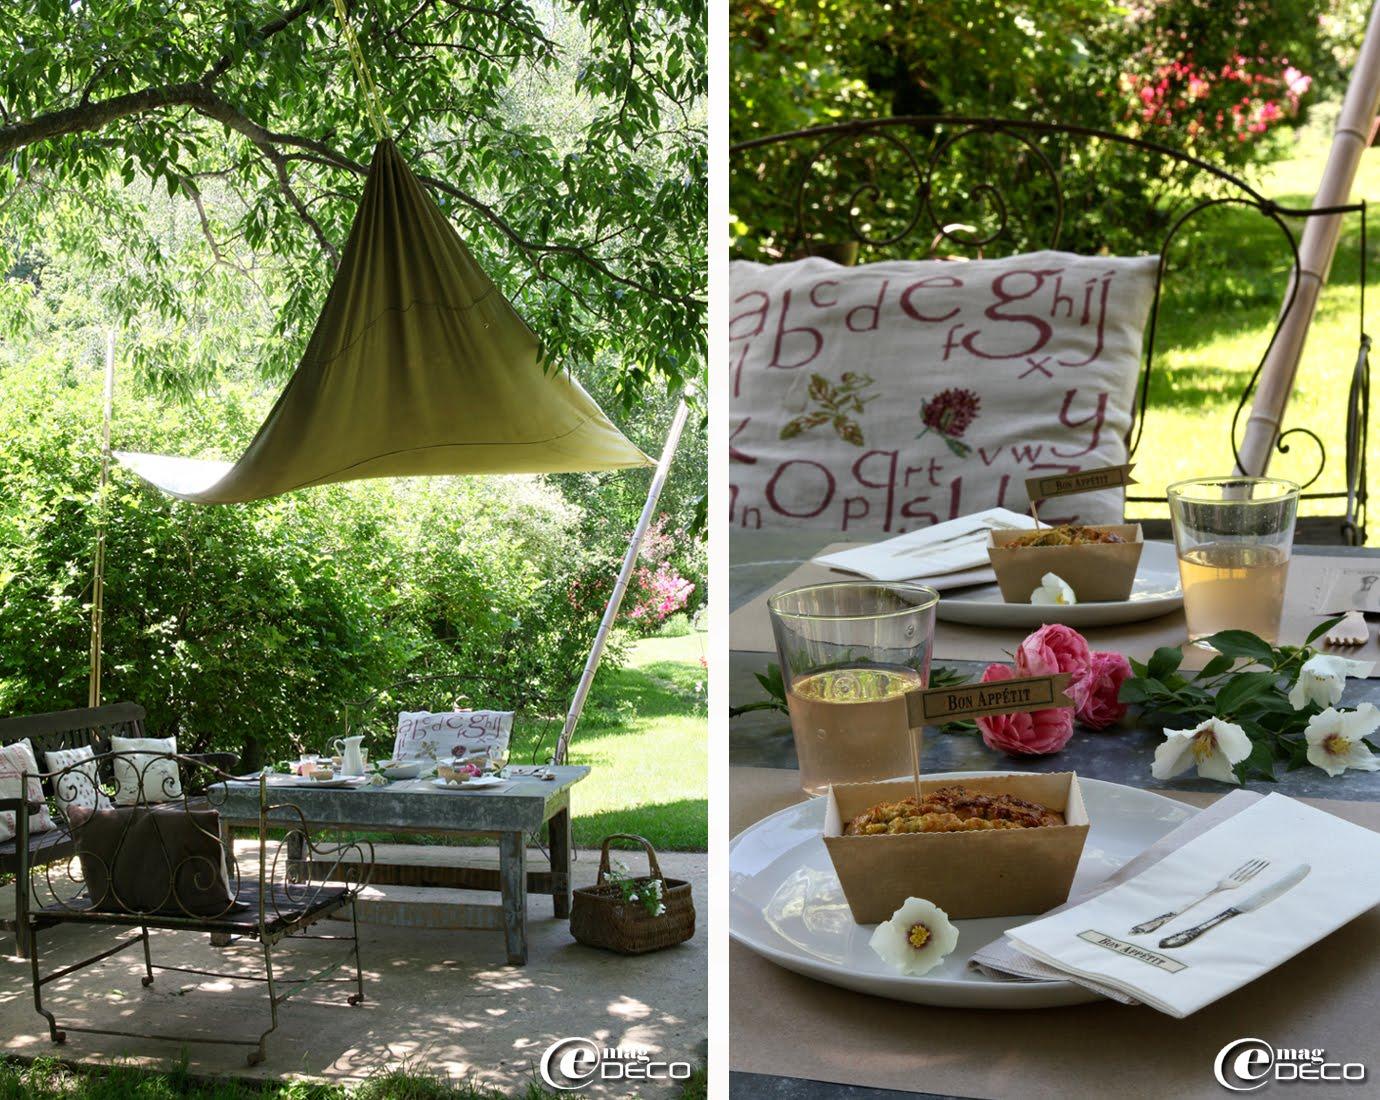 À Concoules, dans le Jardin du Tomple, Véronique et Stéphane ont installé un salon extérieur abrité sous une toile tendue entre des bambous